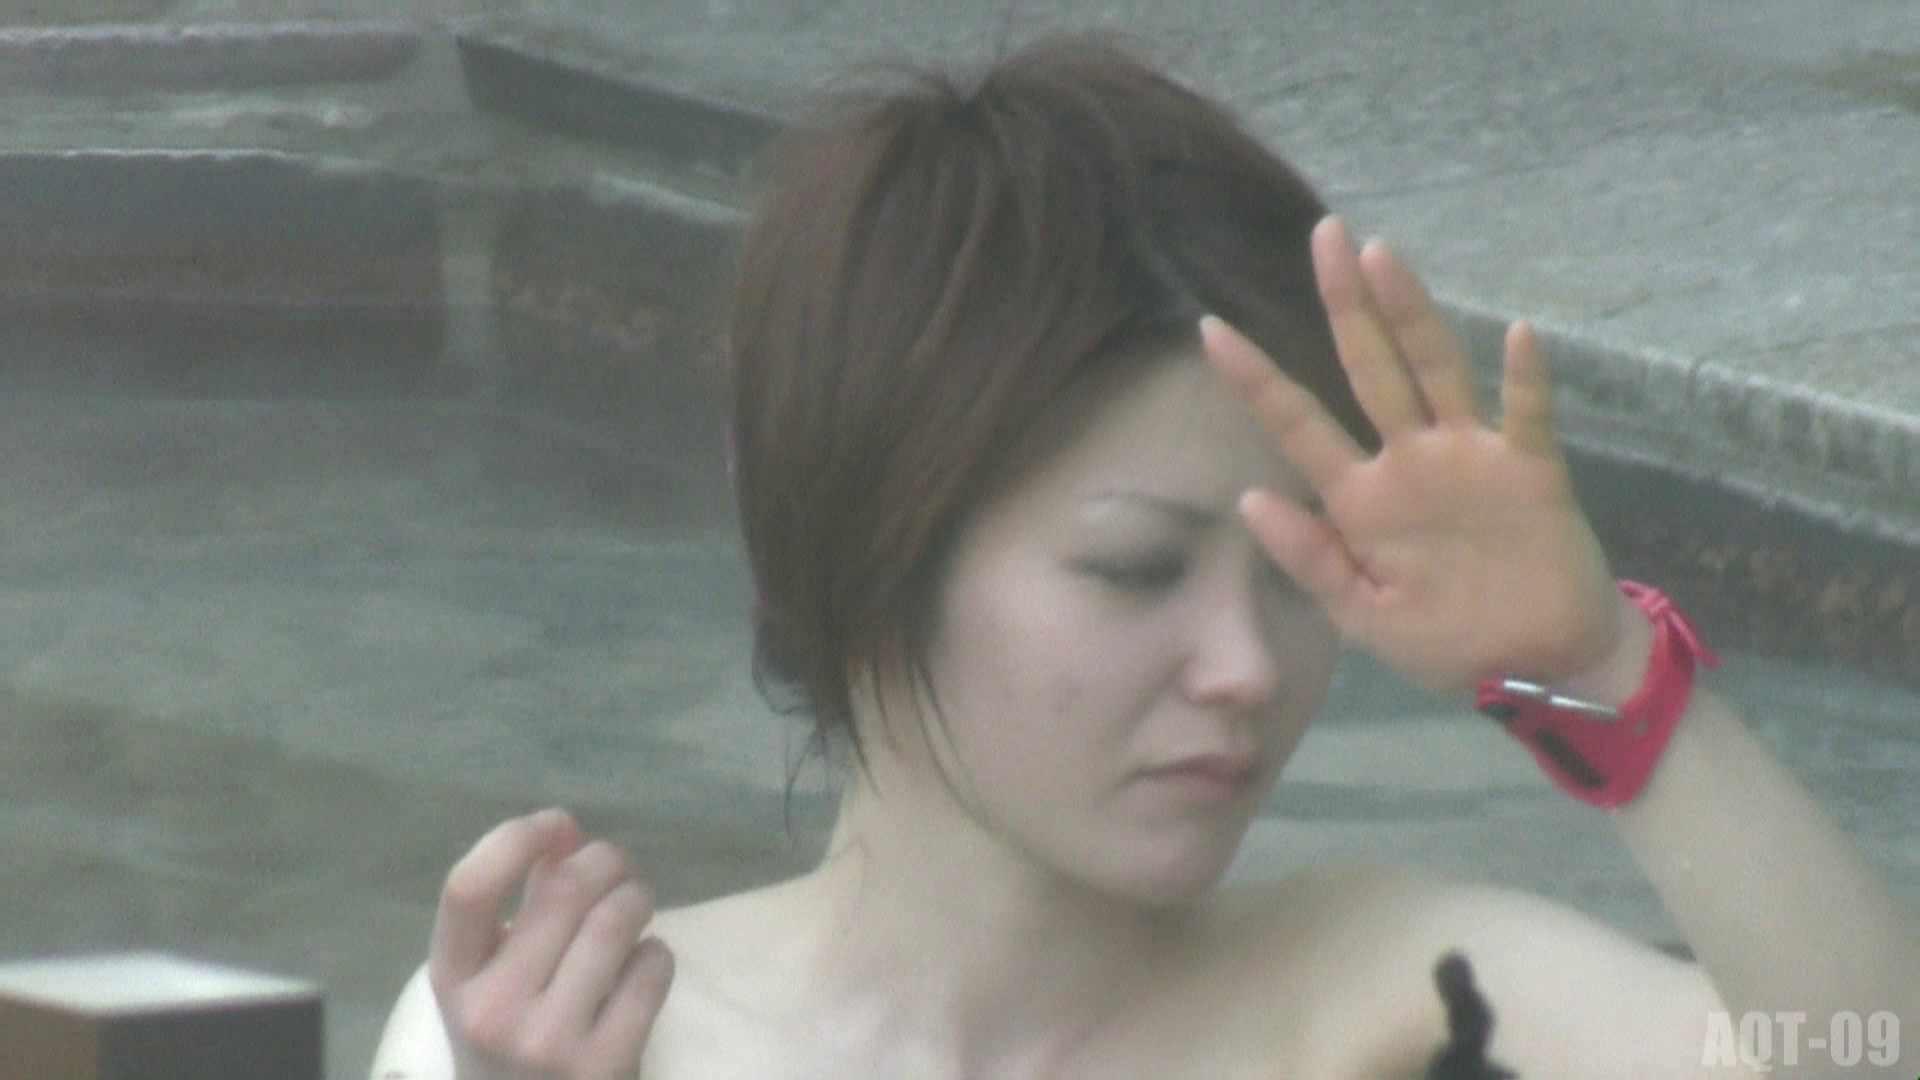 Aquaな露天風呂Vol.779 盗撮  107画像 9